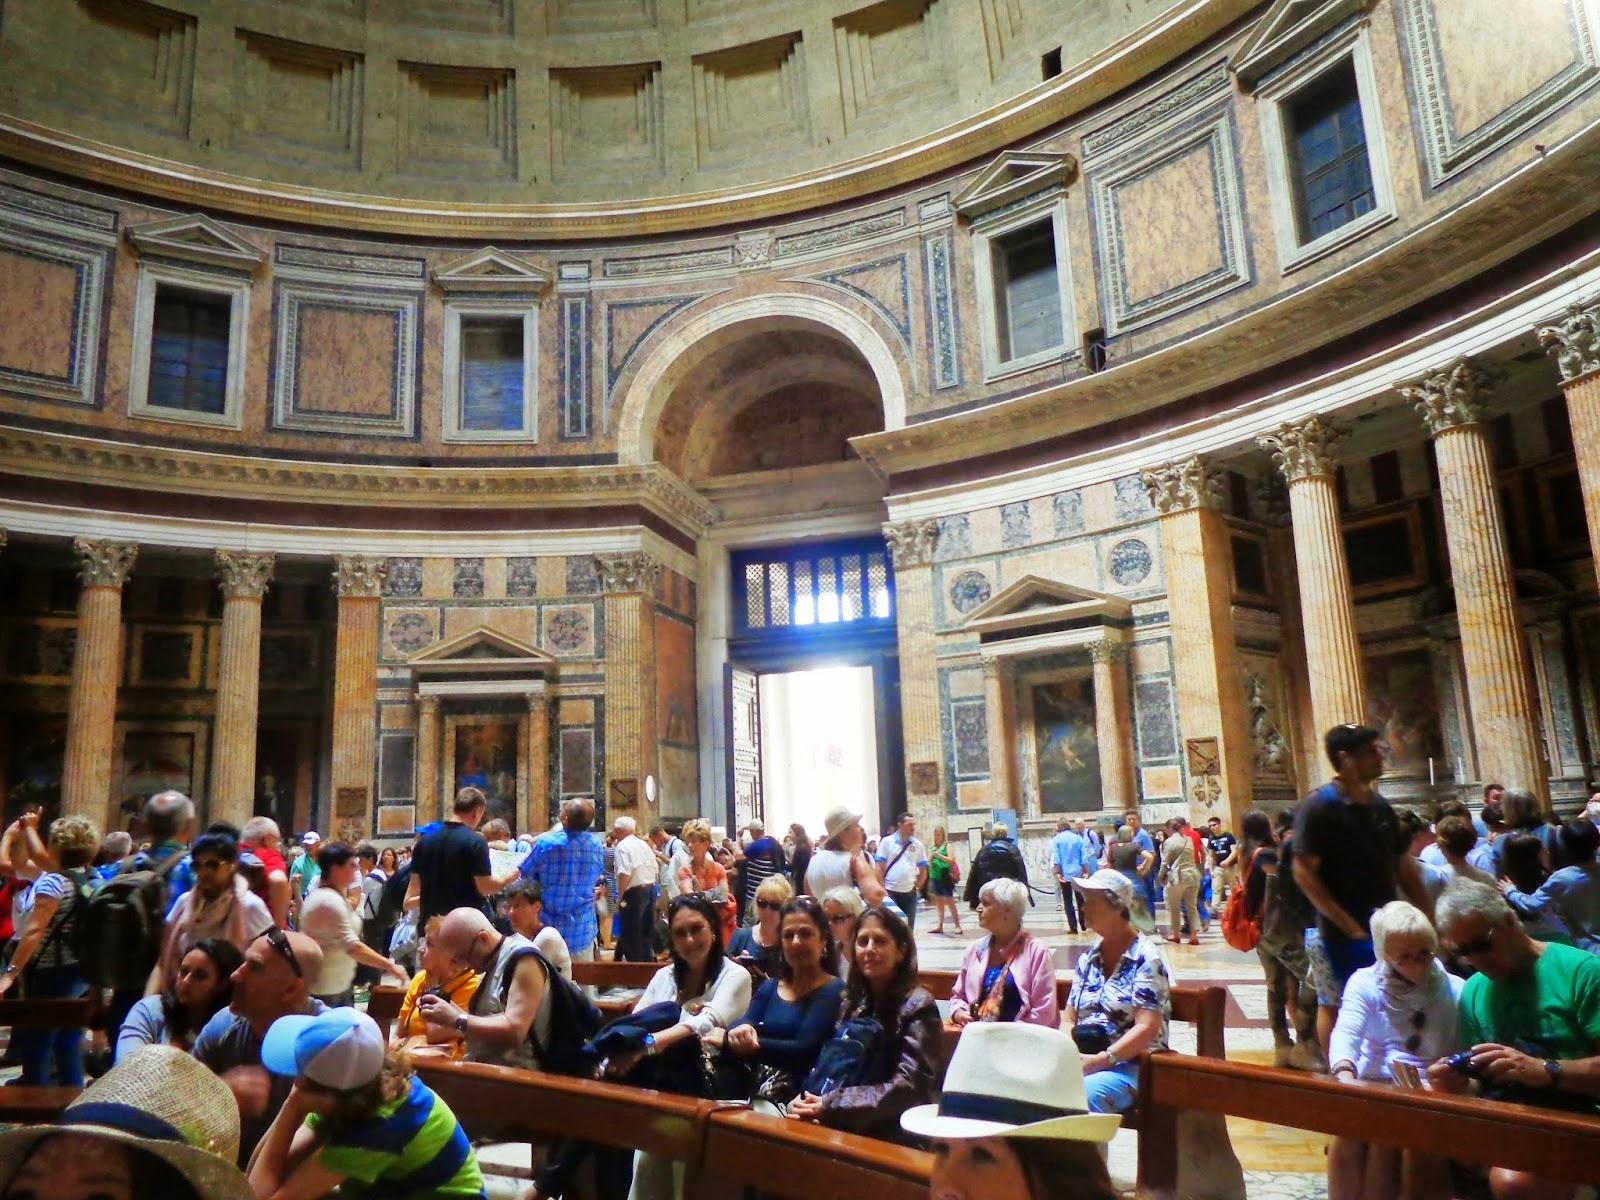 Quando nos aproximamos do Panteão, a construção mais antiga de Roma, aproveitamos para desfrutar da grandiosidade e da paz em seu interior